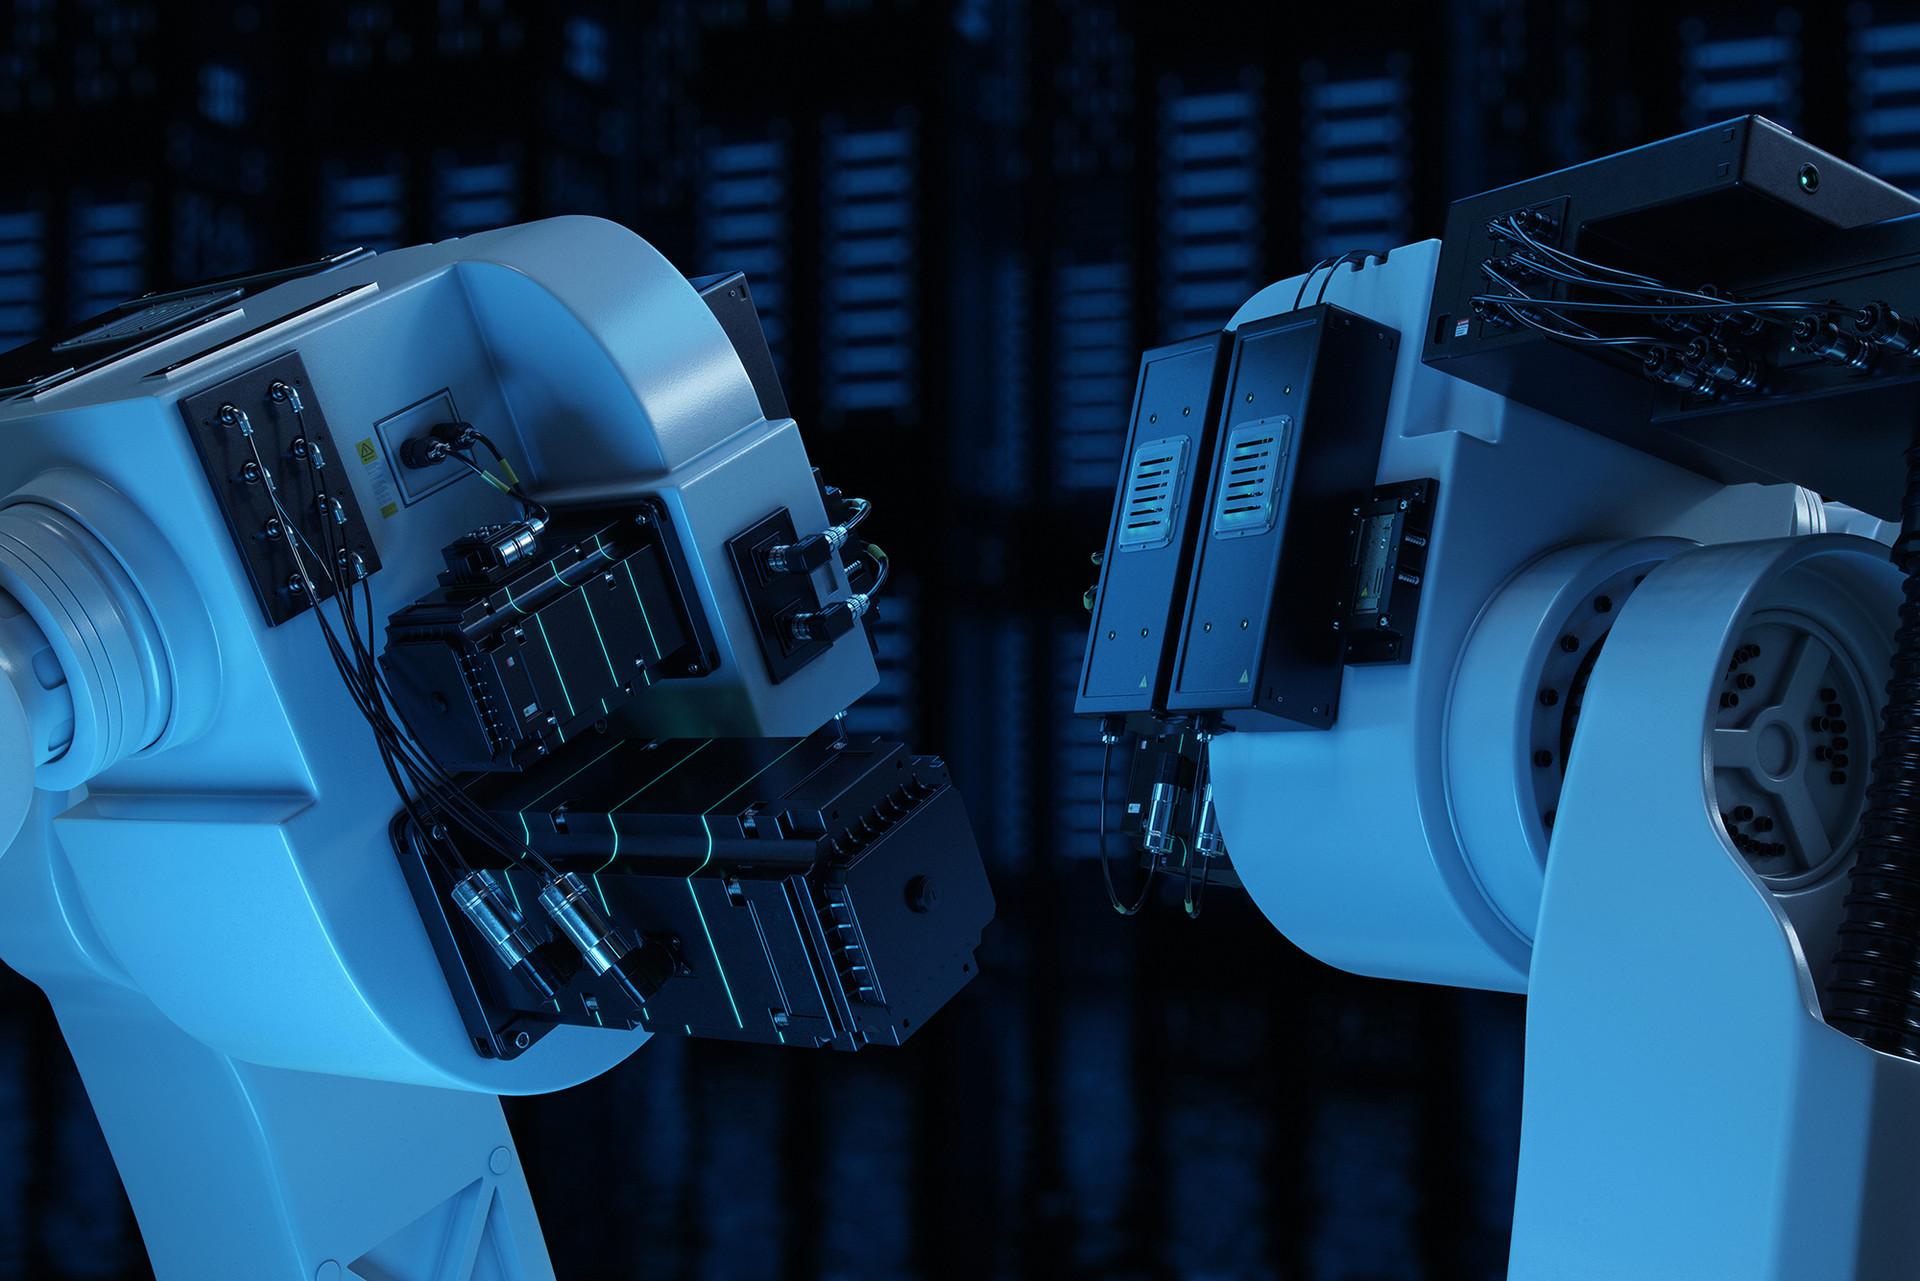 Anton podvalny robots 3 artstation